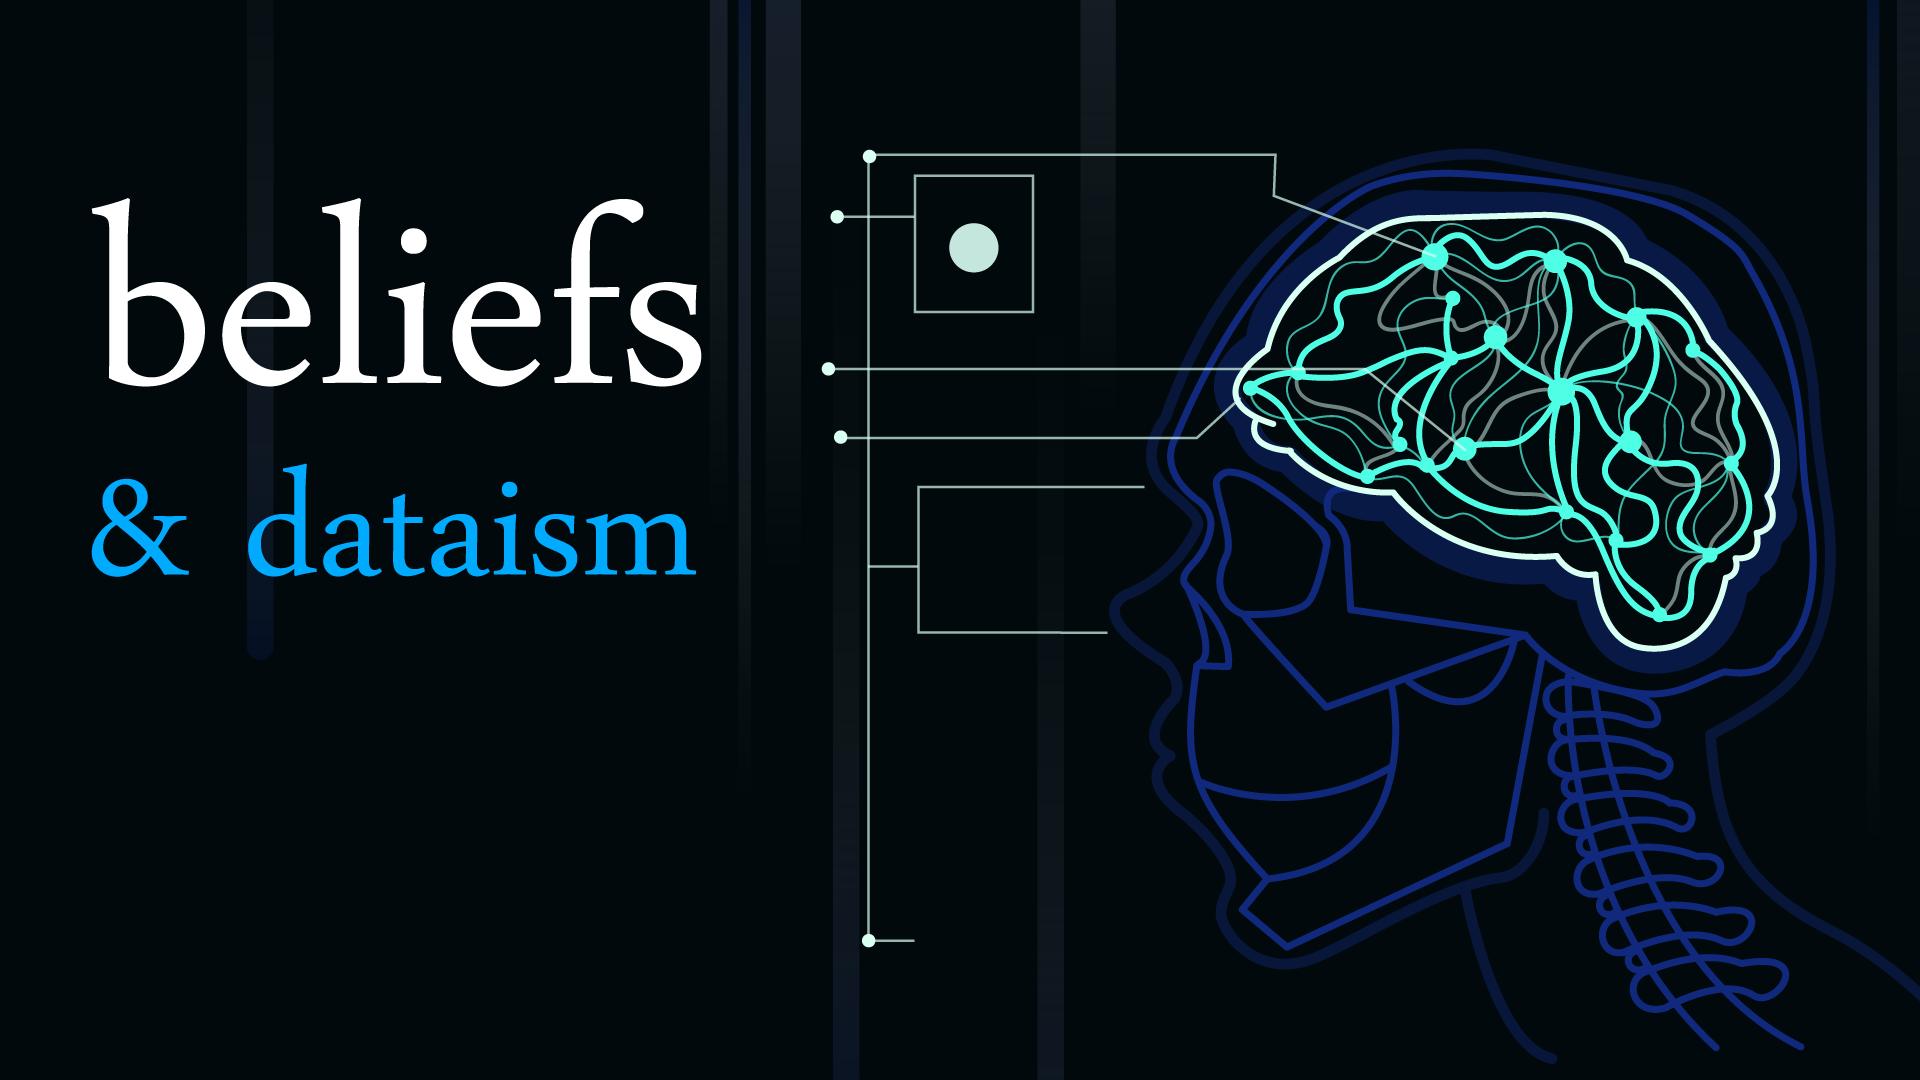 beliefs & dataism